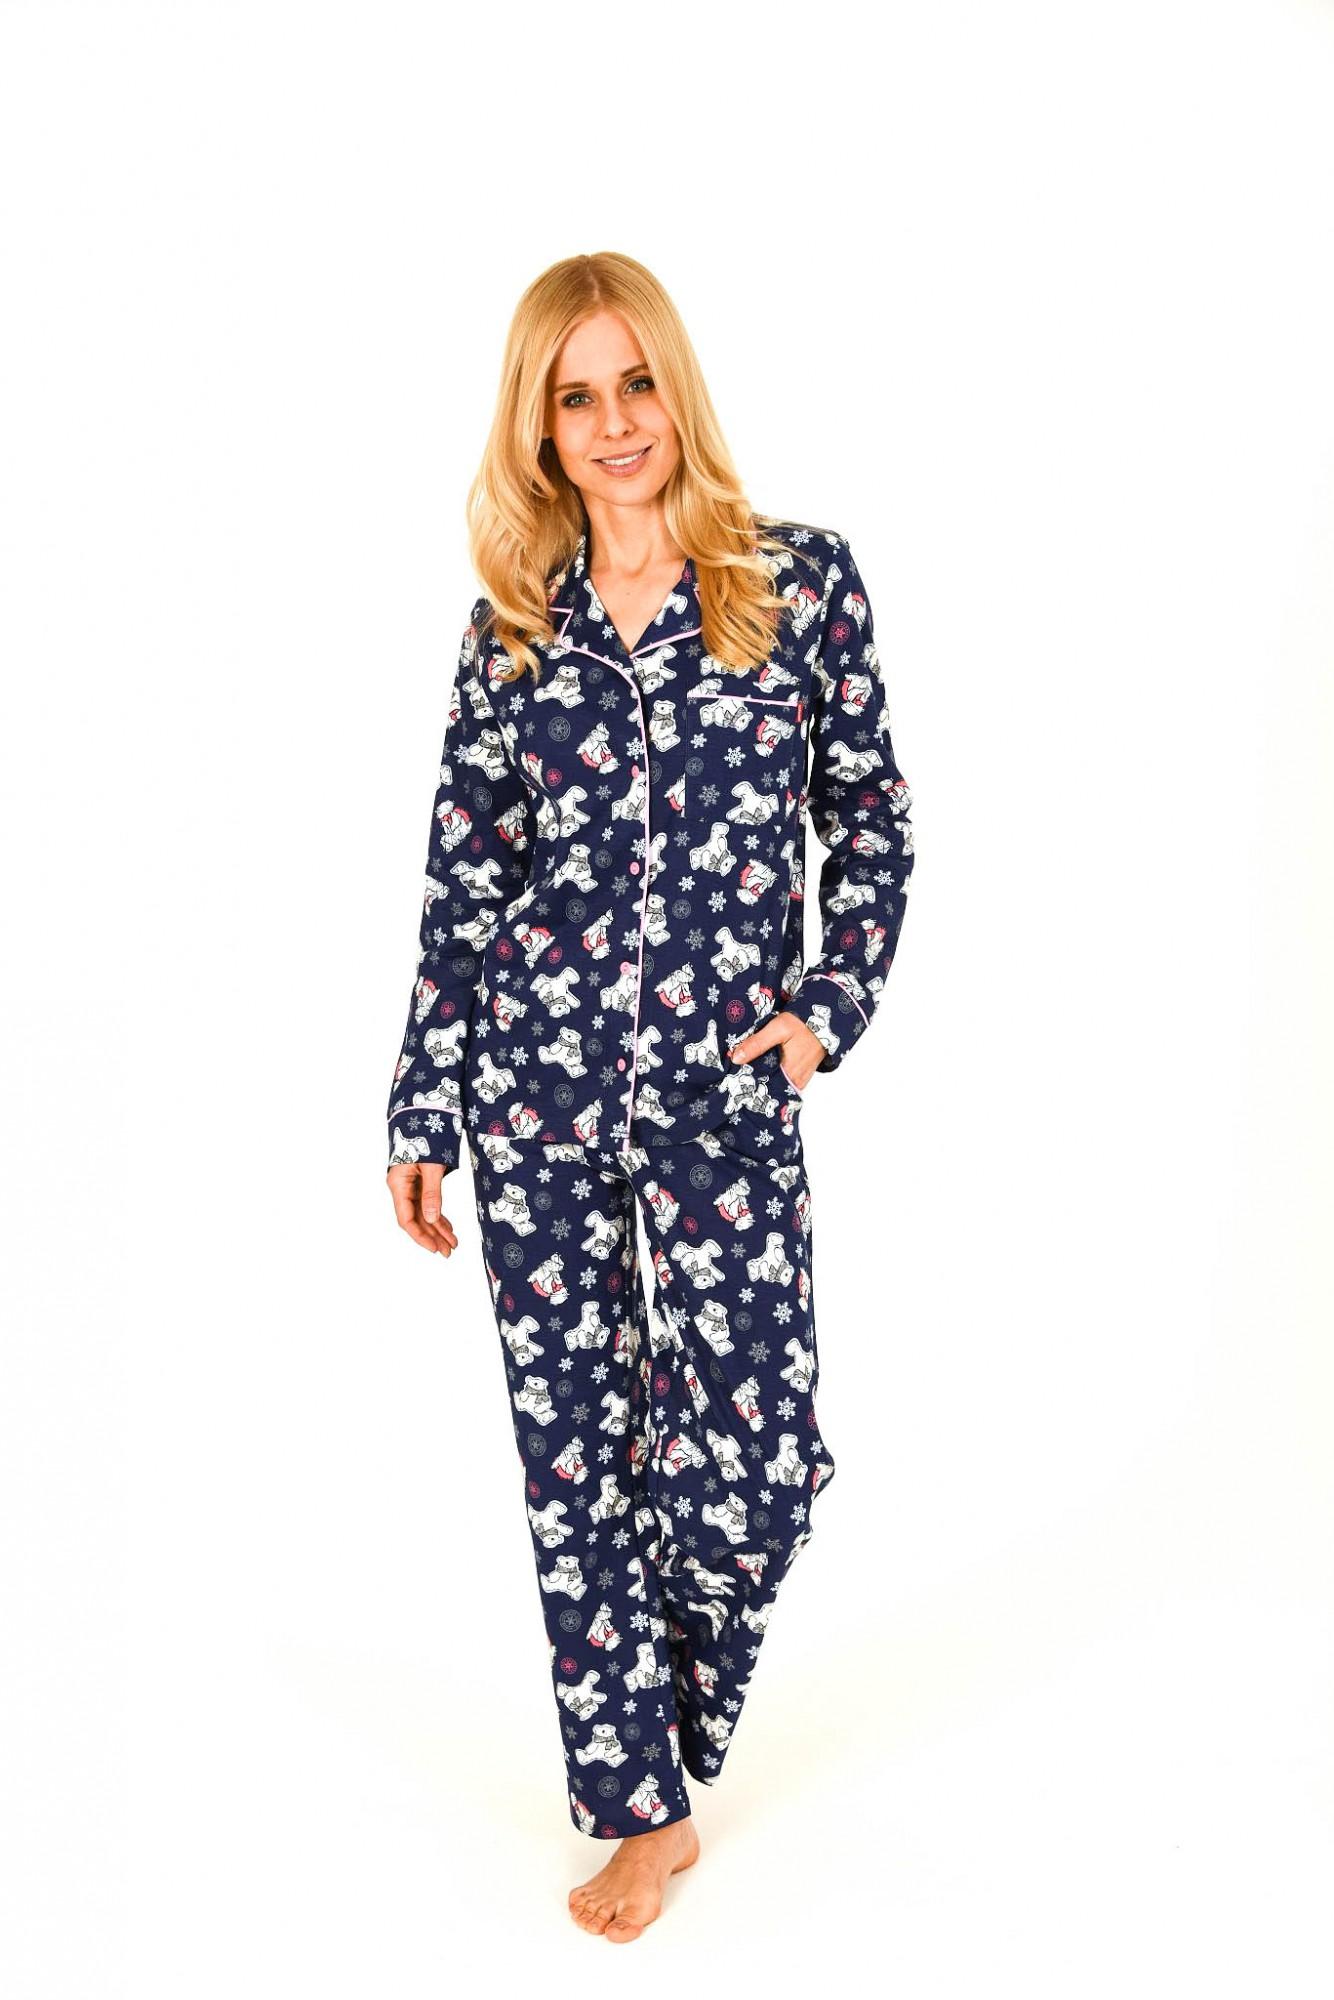 Damen Pyjama lang mit Bärchenmotiv und durchknöpfbar 261 201 90 123 001